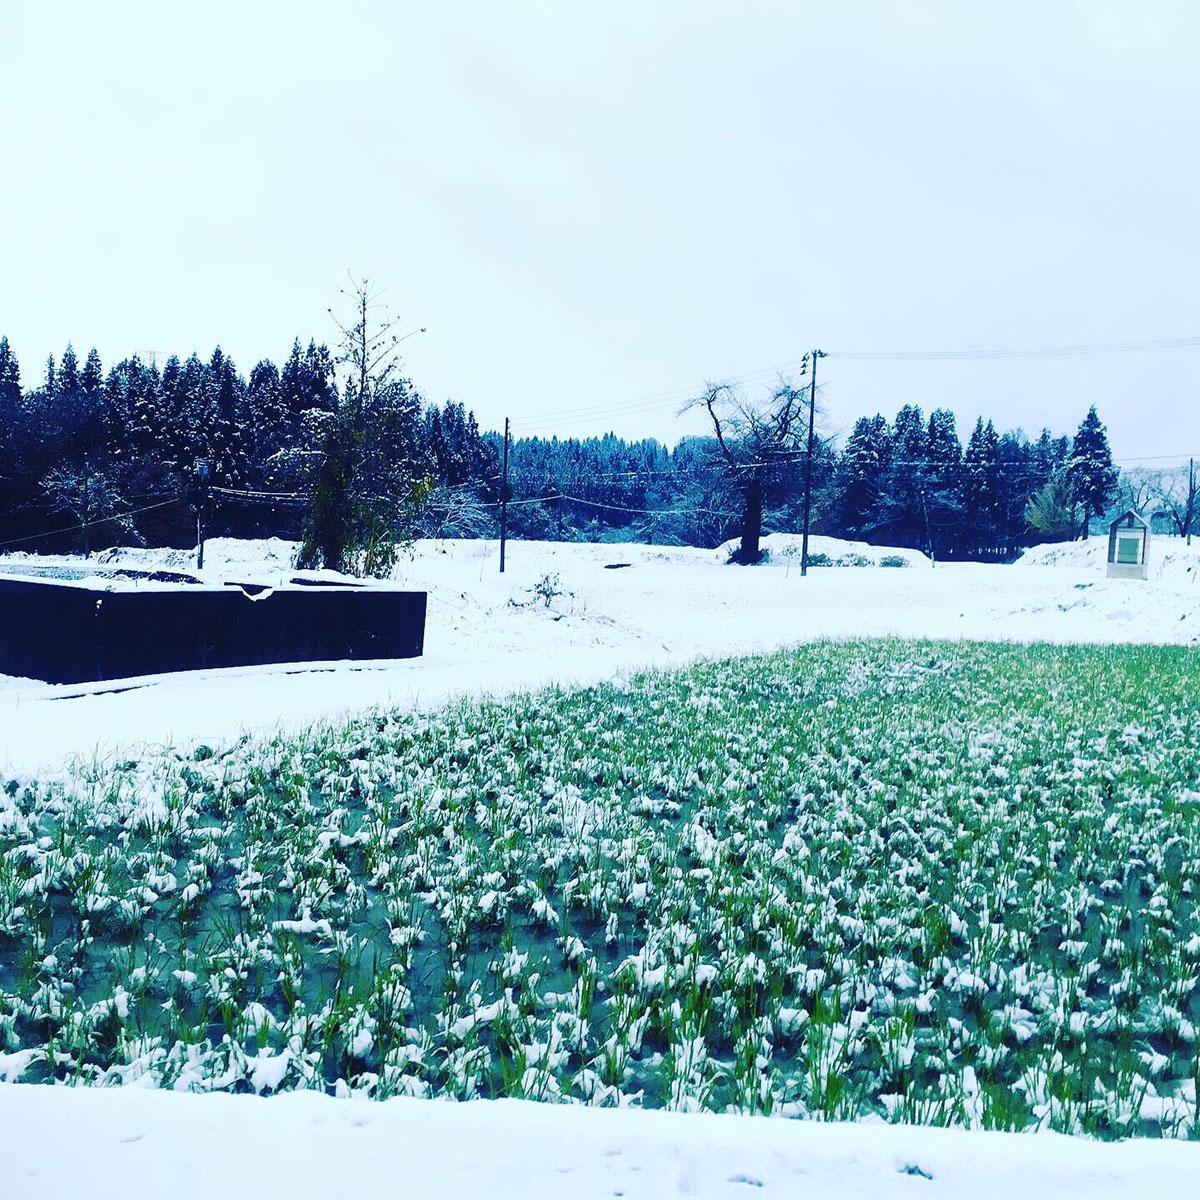 初雪の様子